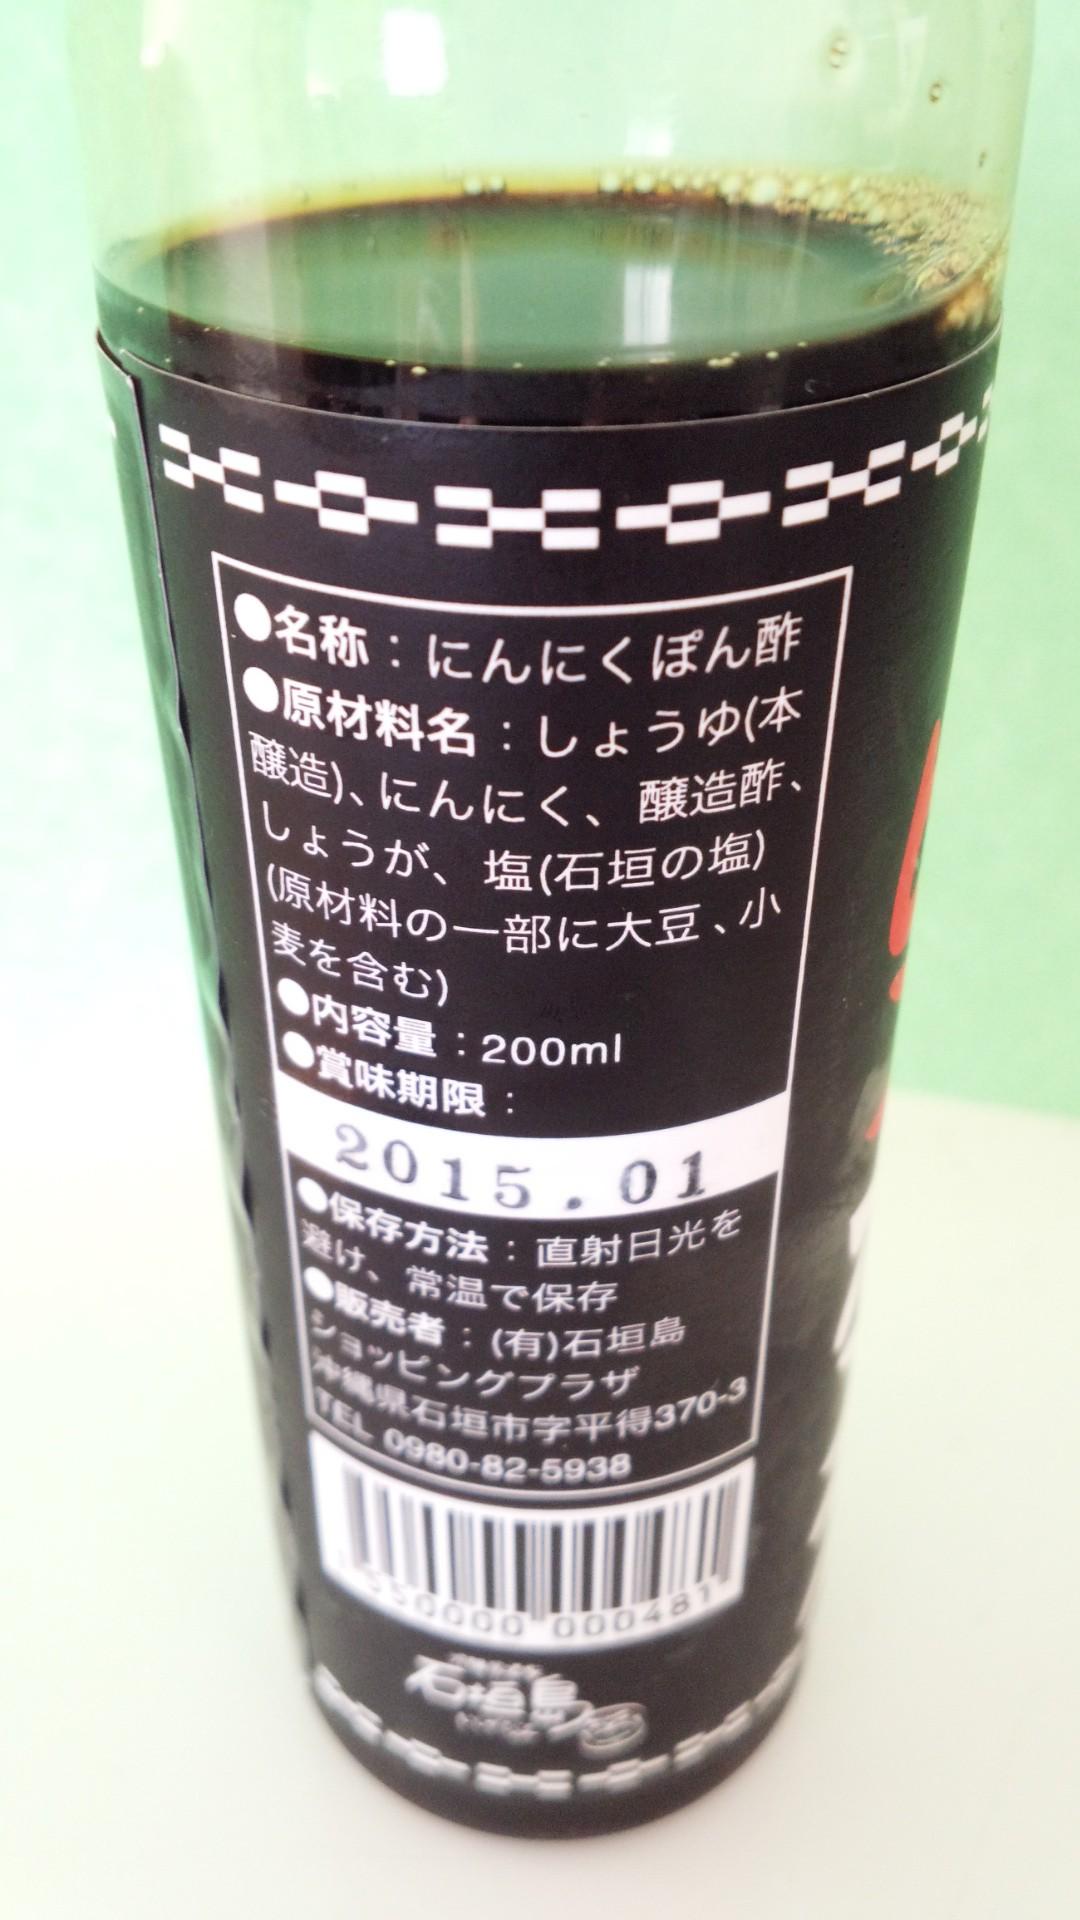 石垣島のピンポン酢。500円